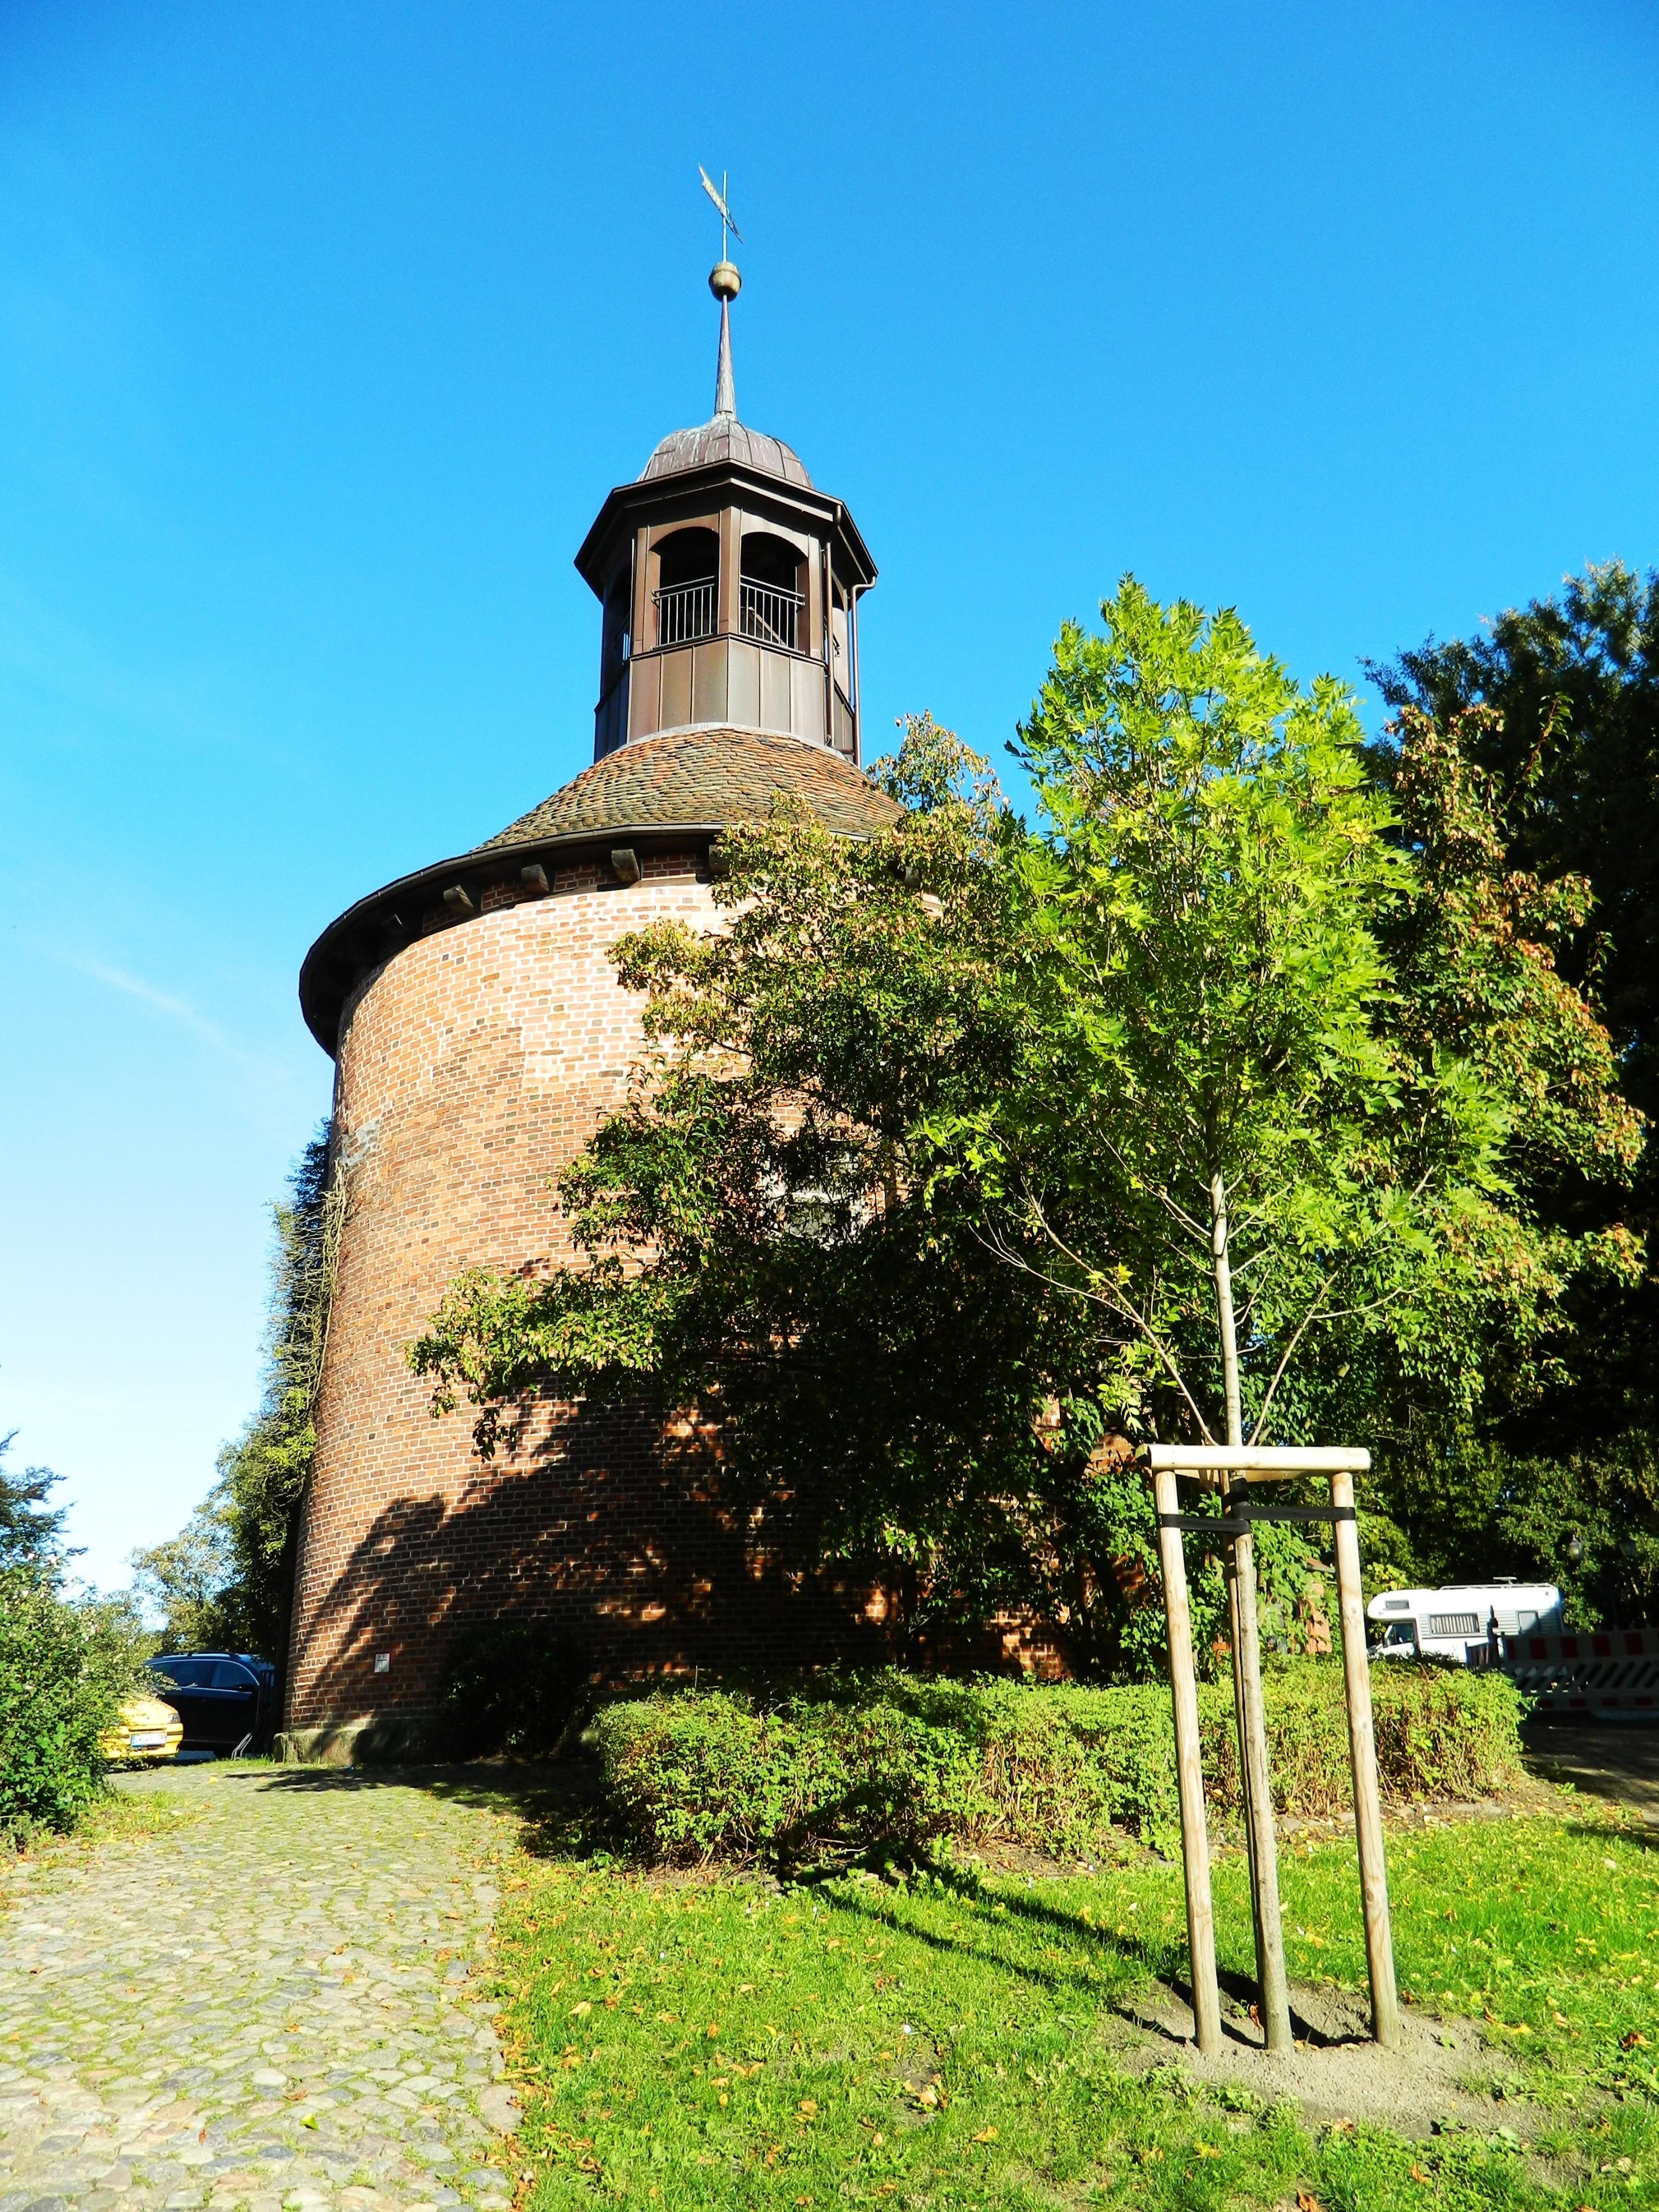 Lauenburg an der Elbe, Lauenburg, Schleswig-Holstein, Germany